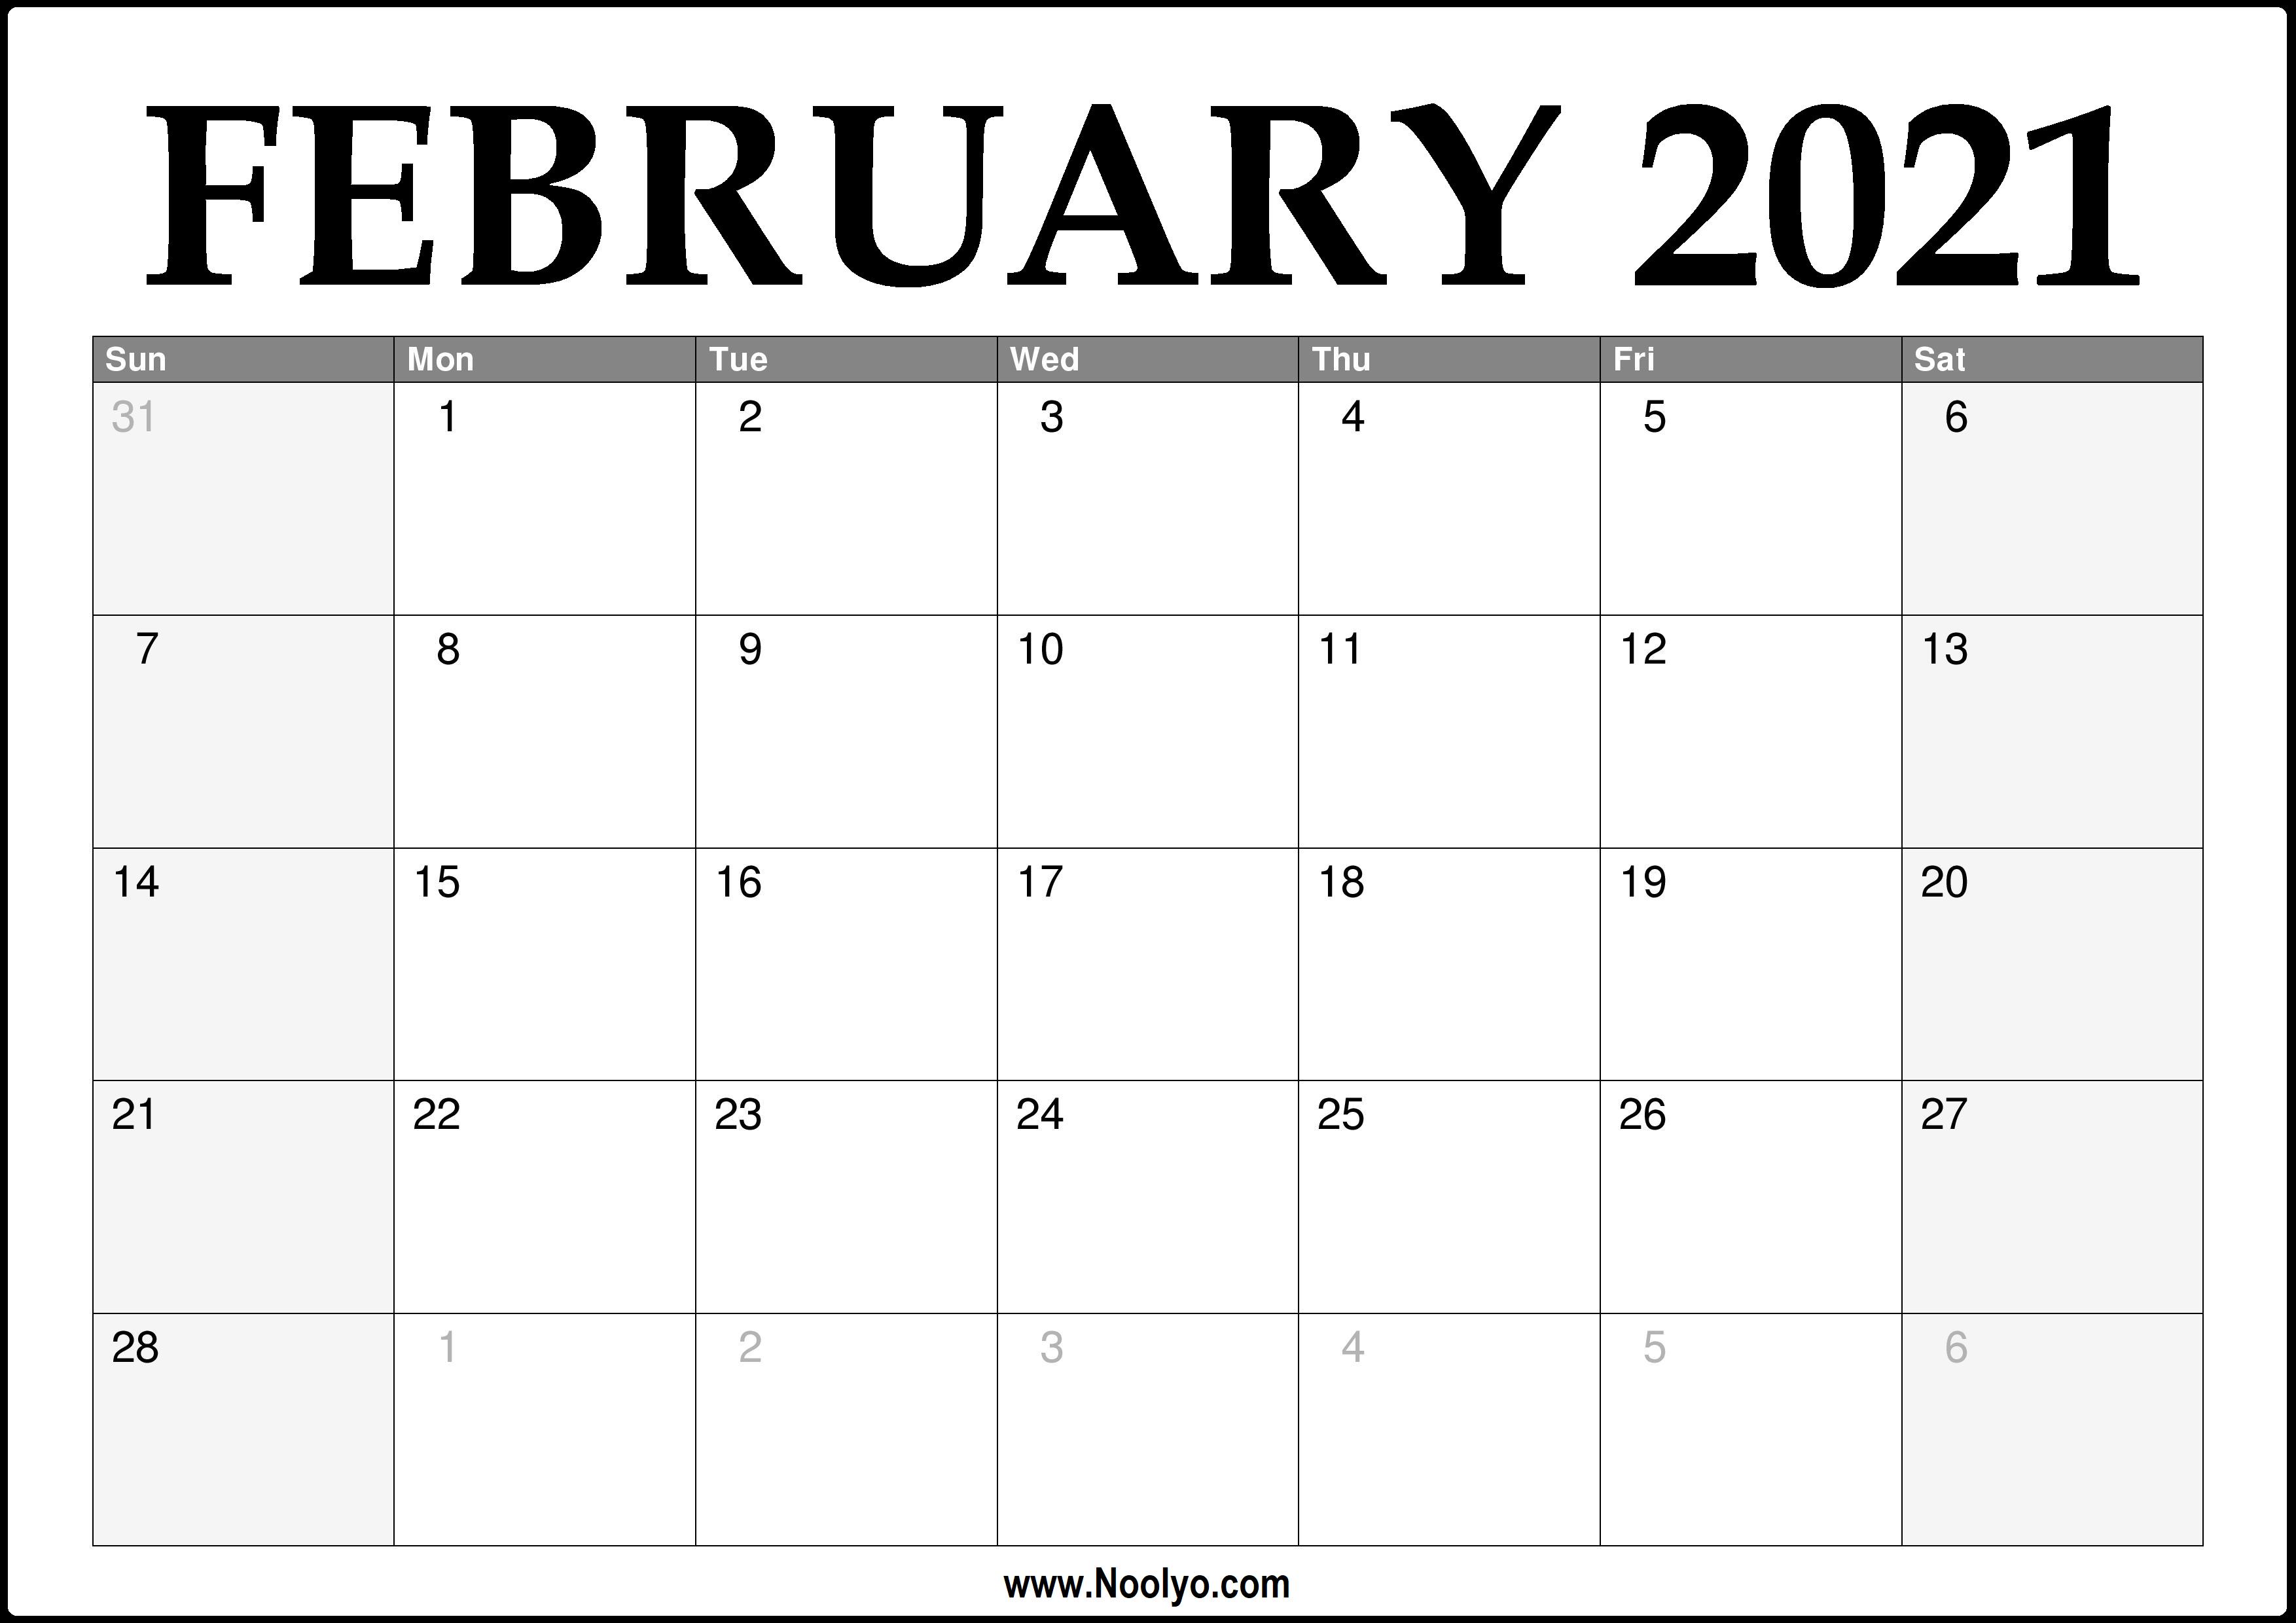 2021 February Calendar Printable – Download Free – Noolyo.com